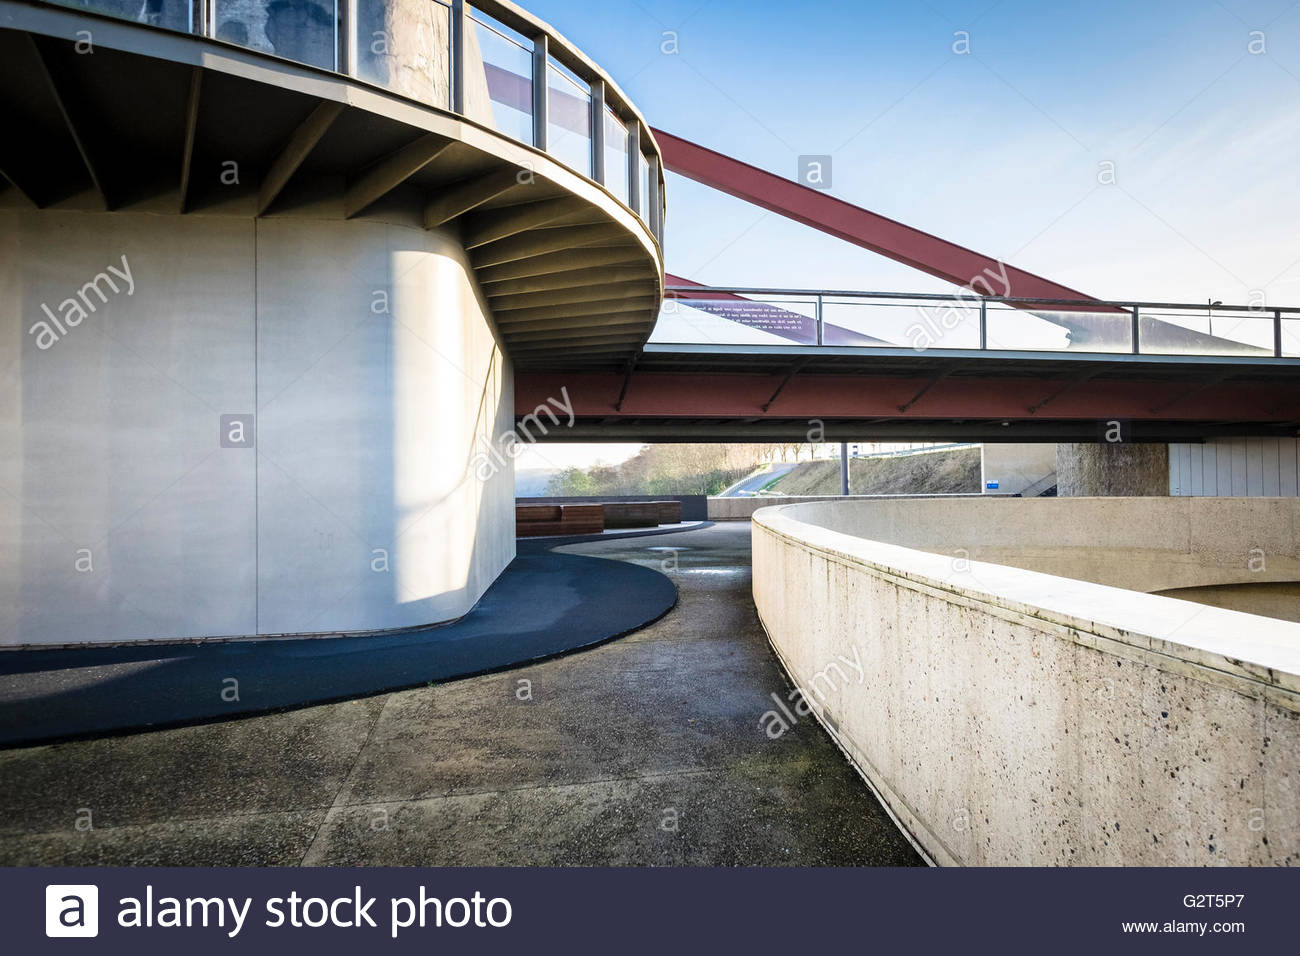 Modern architecture, Brug van Vroenhoven, Reimst, Limburg, Vlaanderen (Flanders), Belgium - Stock Image